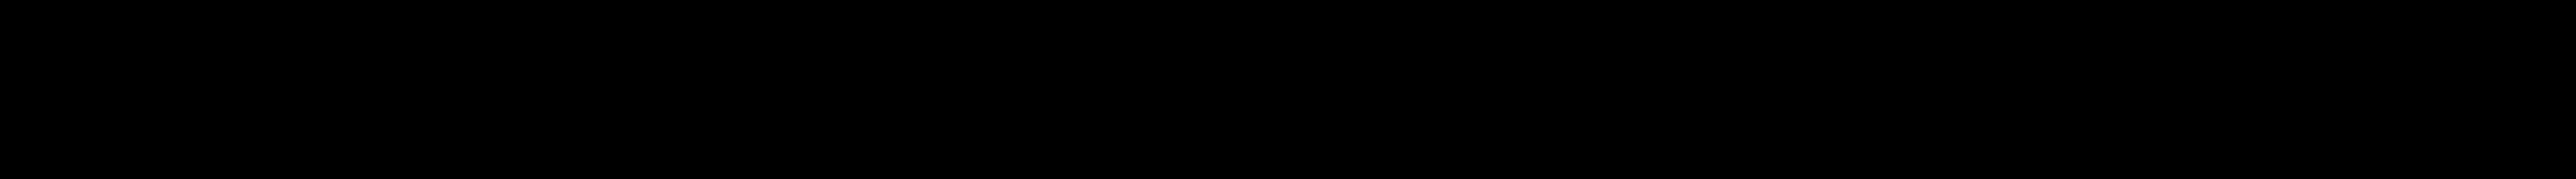 Arya Triple Capsule Black